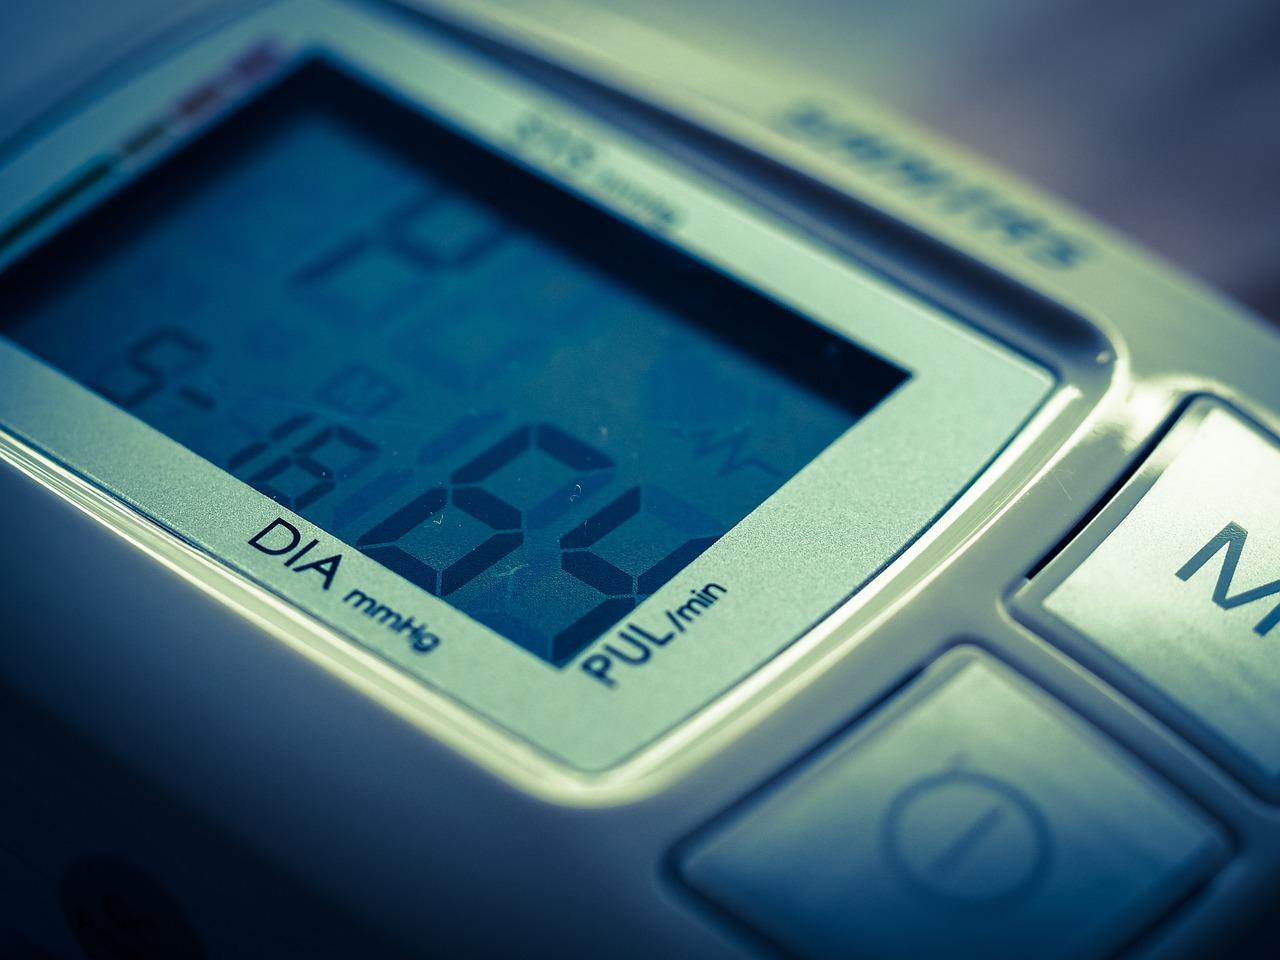 solenoids used in simple blood pressure gauge